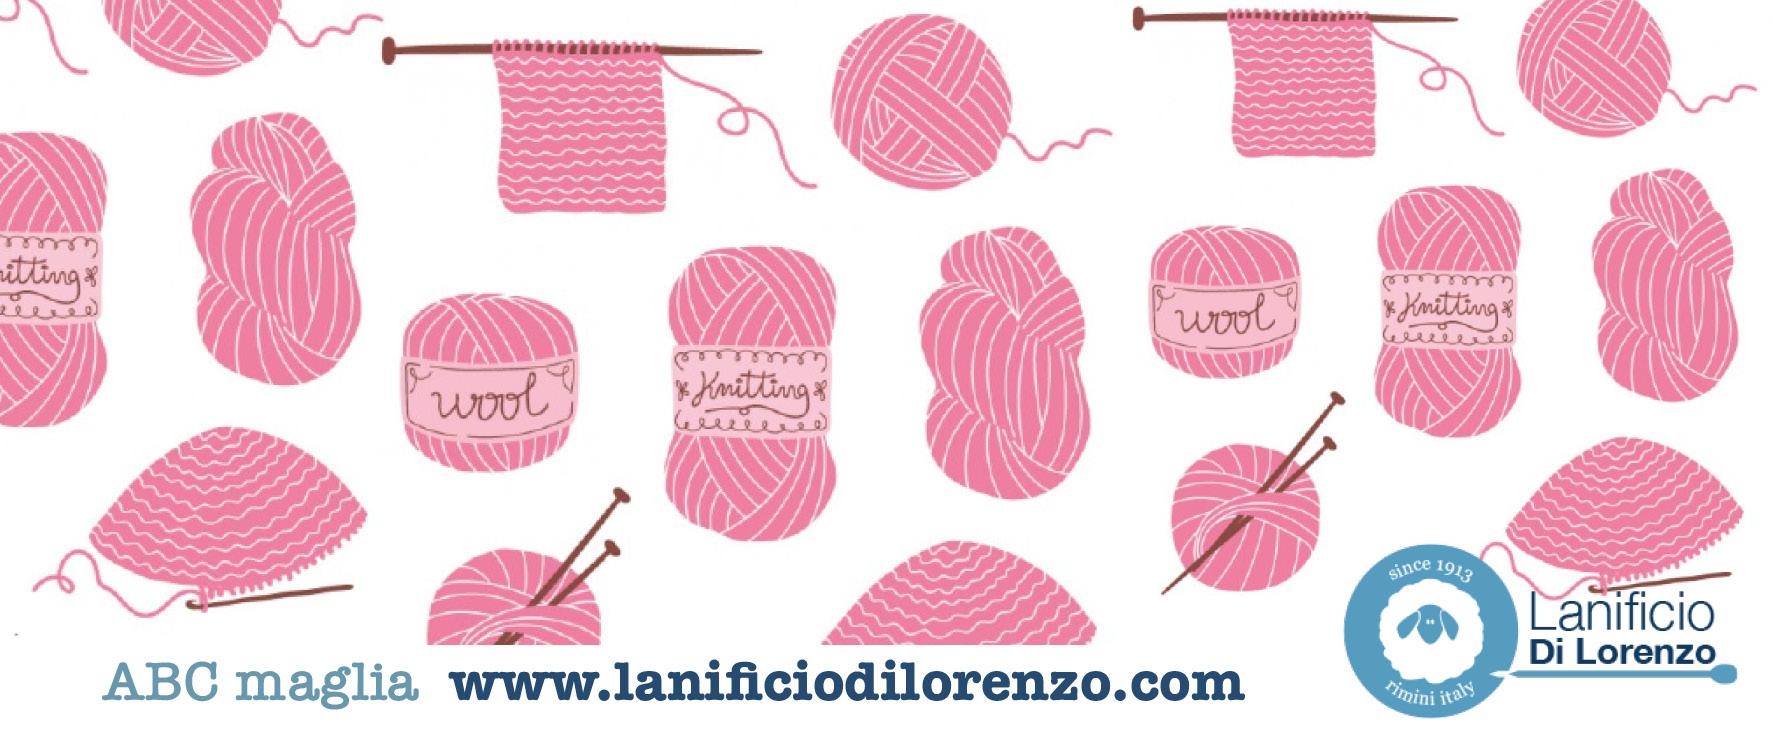 ABC maglia corso lanificio di lorenzo